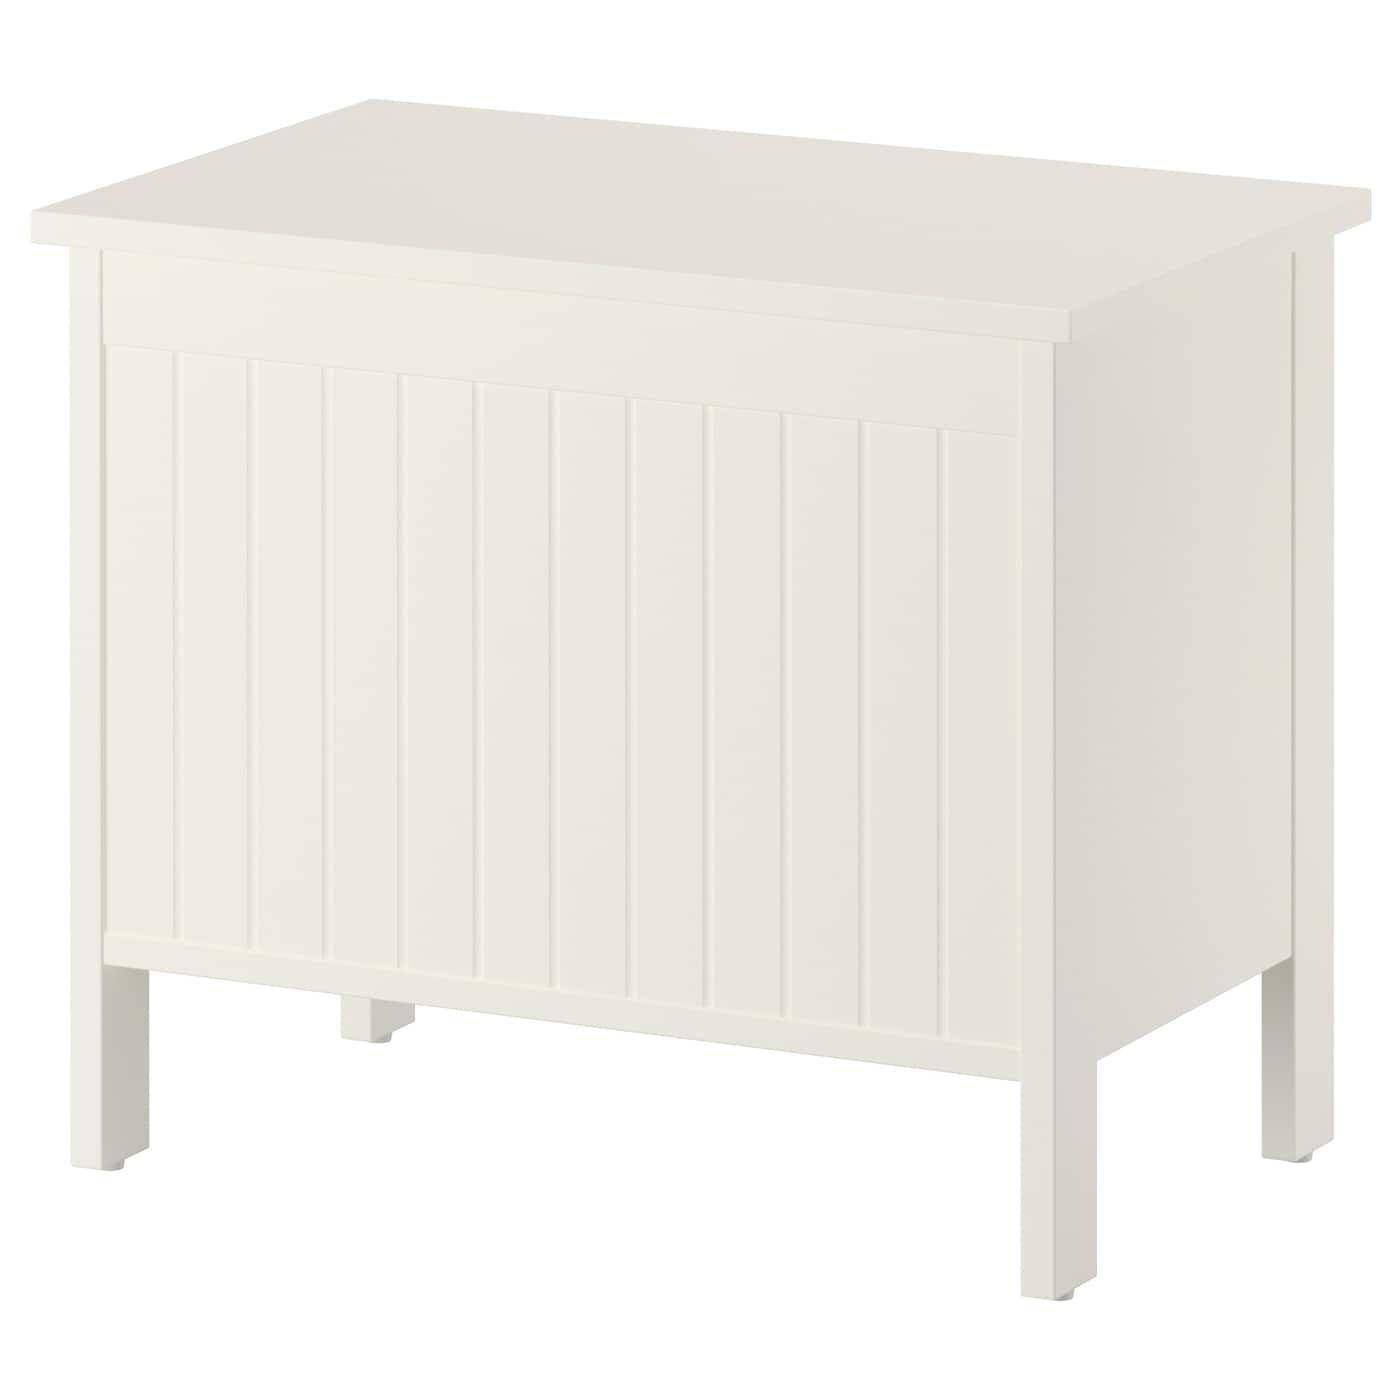 Silverån Banc Avec Rangement - Blanc | Banc De Rangement ... avec Coffre De Jardin Ikea